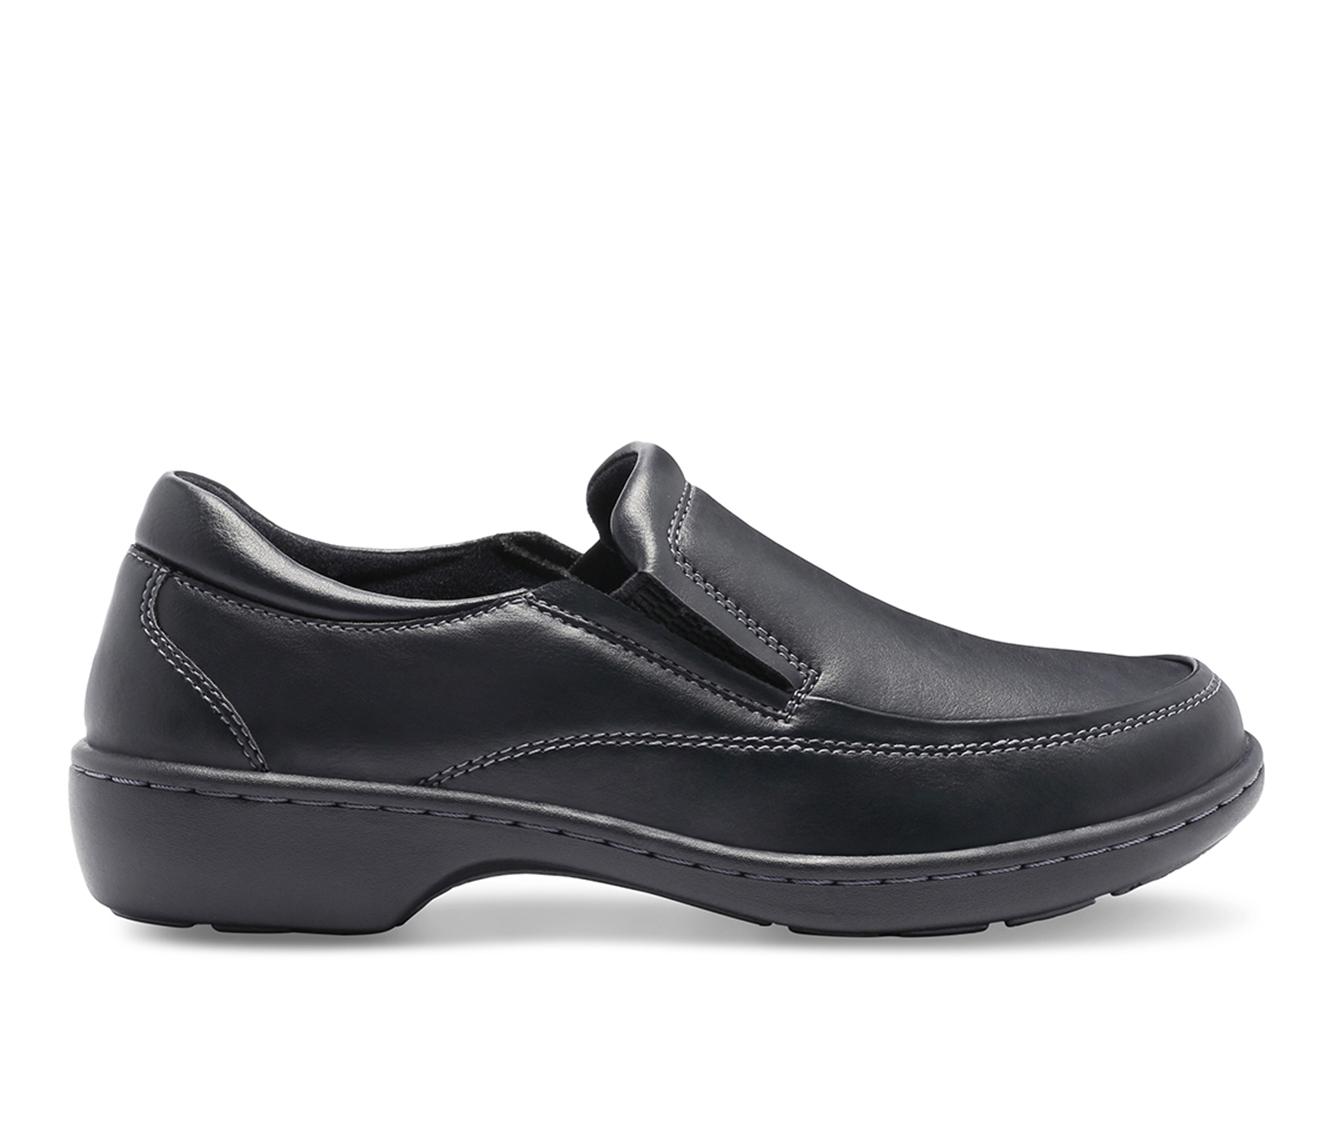 Eastland Molly Women's Shoe (Black Leather)